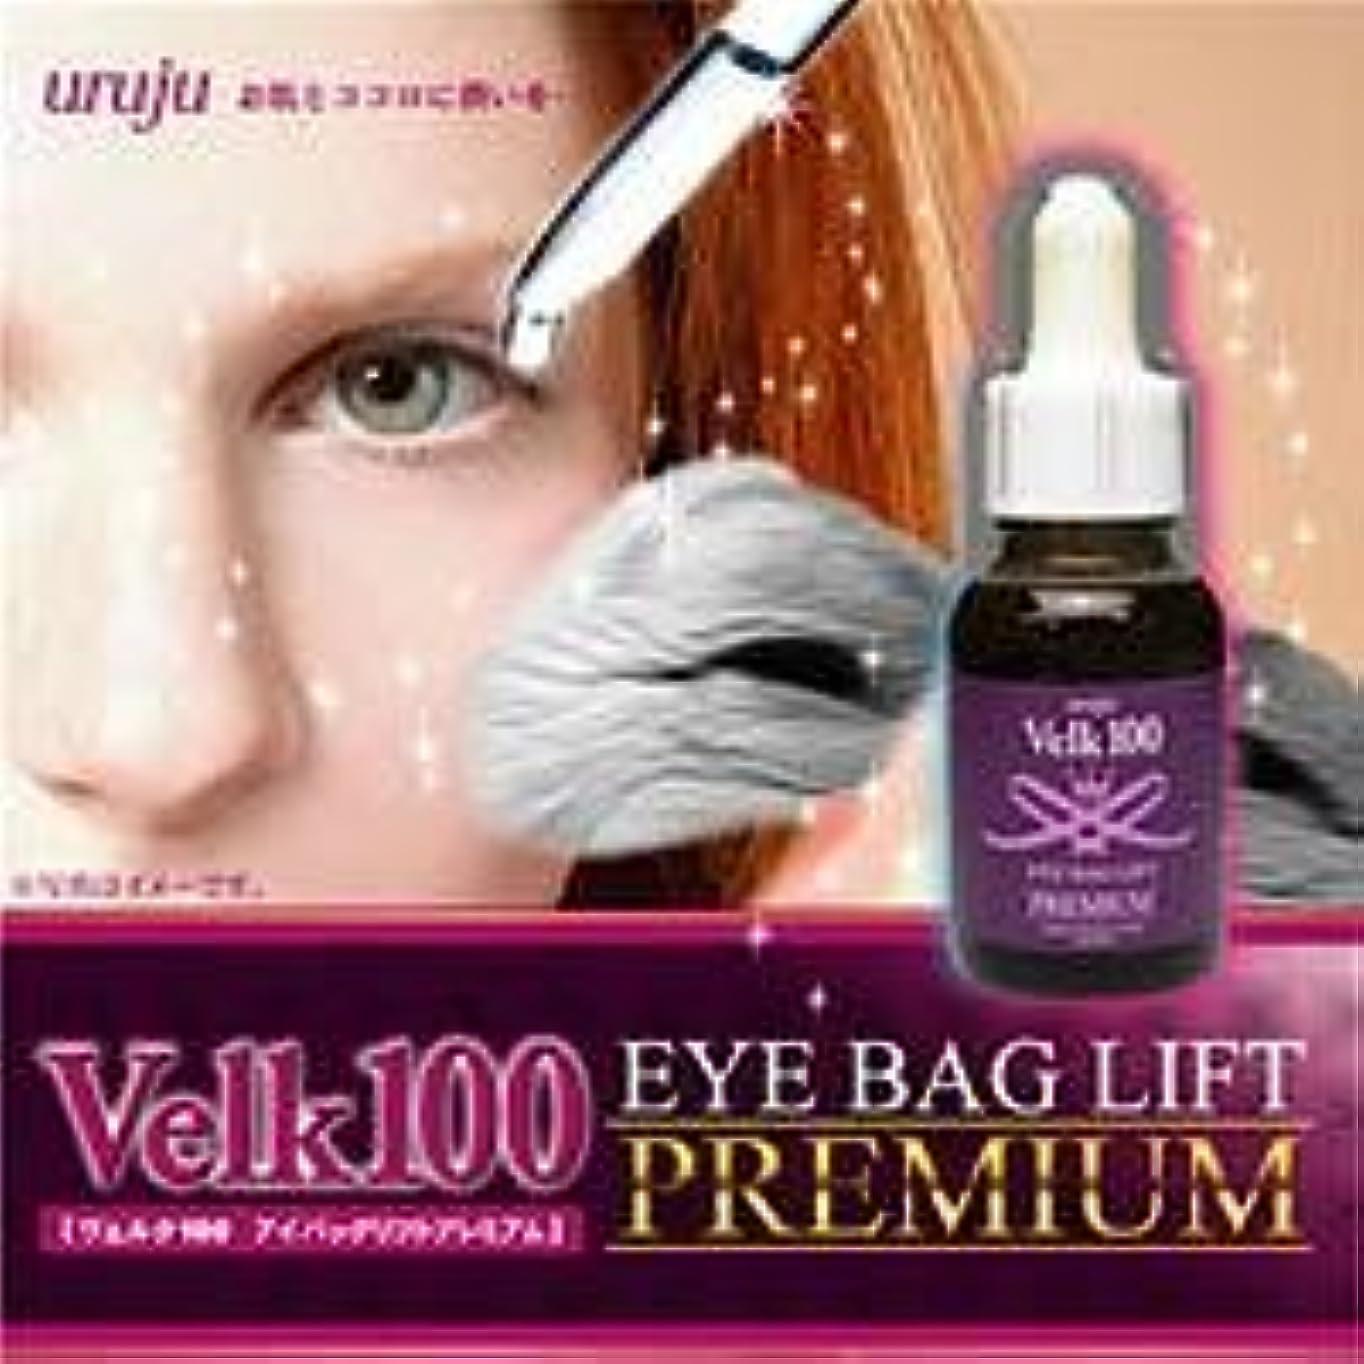 咳砂の電気陽性ヴェルク100 アイバックリフトプレミアム